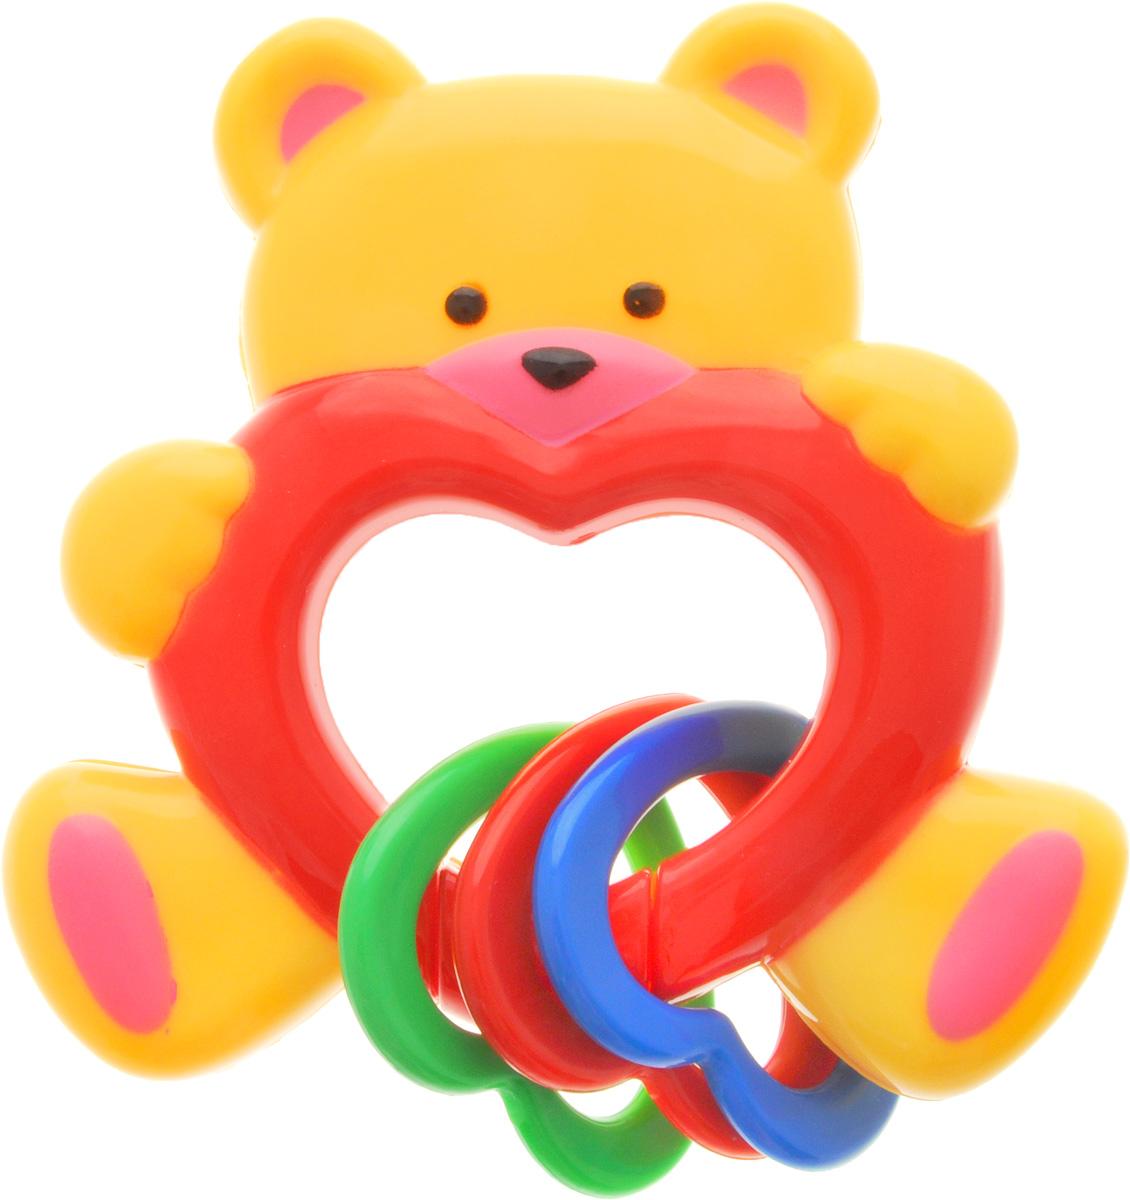 Умка Погремушка МишкаRN22Забавная развивающая погремушка Умка Мишка поднимет вашему малышу настроение и непременно вызовет улыбку! Игрушка выполнена из качественного пластика в виде мишки, держащего в лапах сердечко. Внутри игрушки находится погремушка, гремящая при встряхивании. Снизу к игрушке крепятся три пластиковых разноцветных сердечка, которые весело гремят и перемещаются. Игрушка очень удобна для маленьких детских ручек. Малыш сможет ее держать, перекладывать из одной ручки в другую. Игрушка способствует развитию слухового, зрительного и эмоционального восприятия, тактильных ощущений, мелкой моторики.